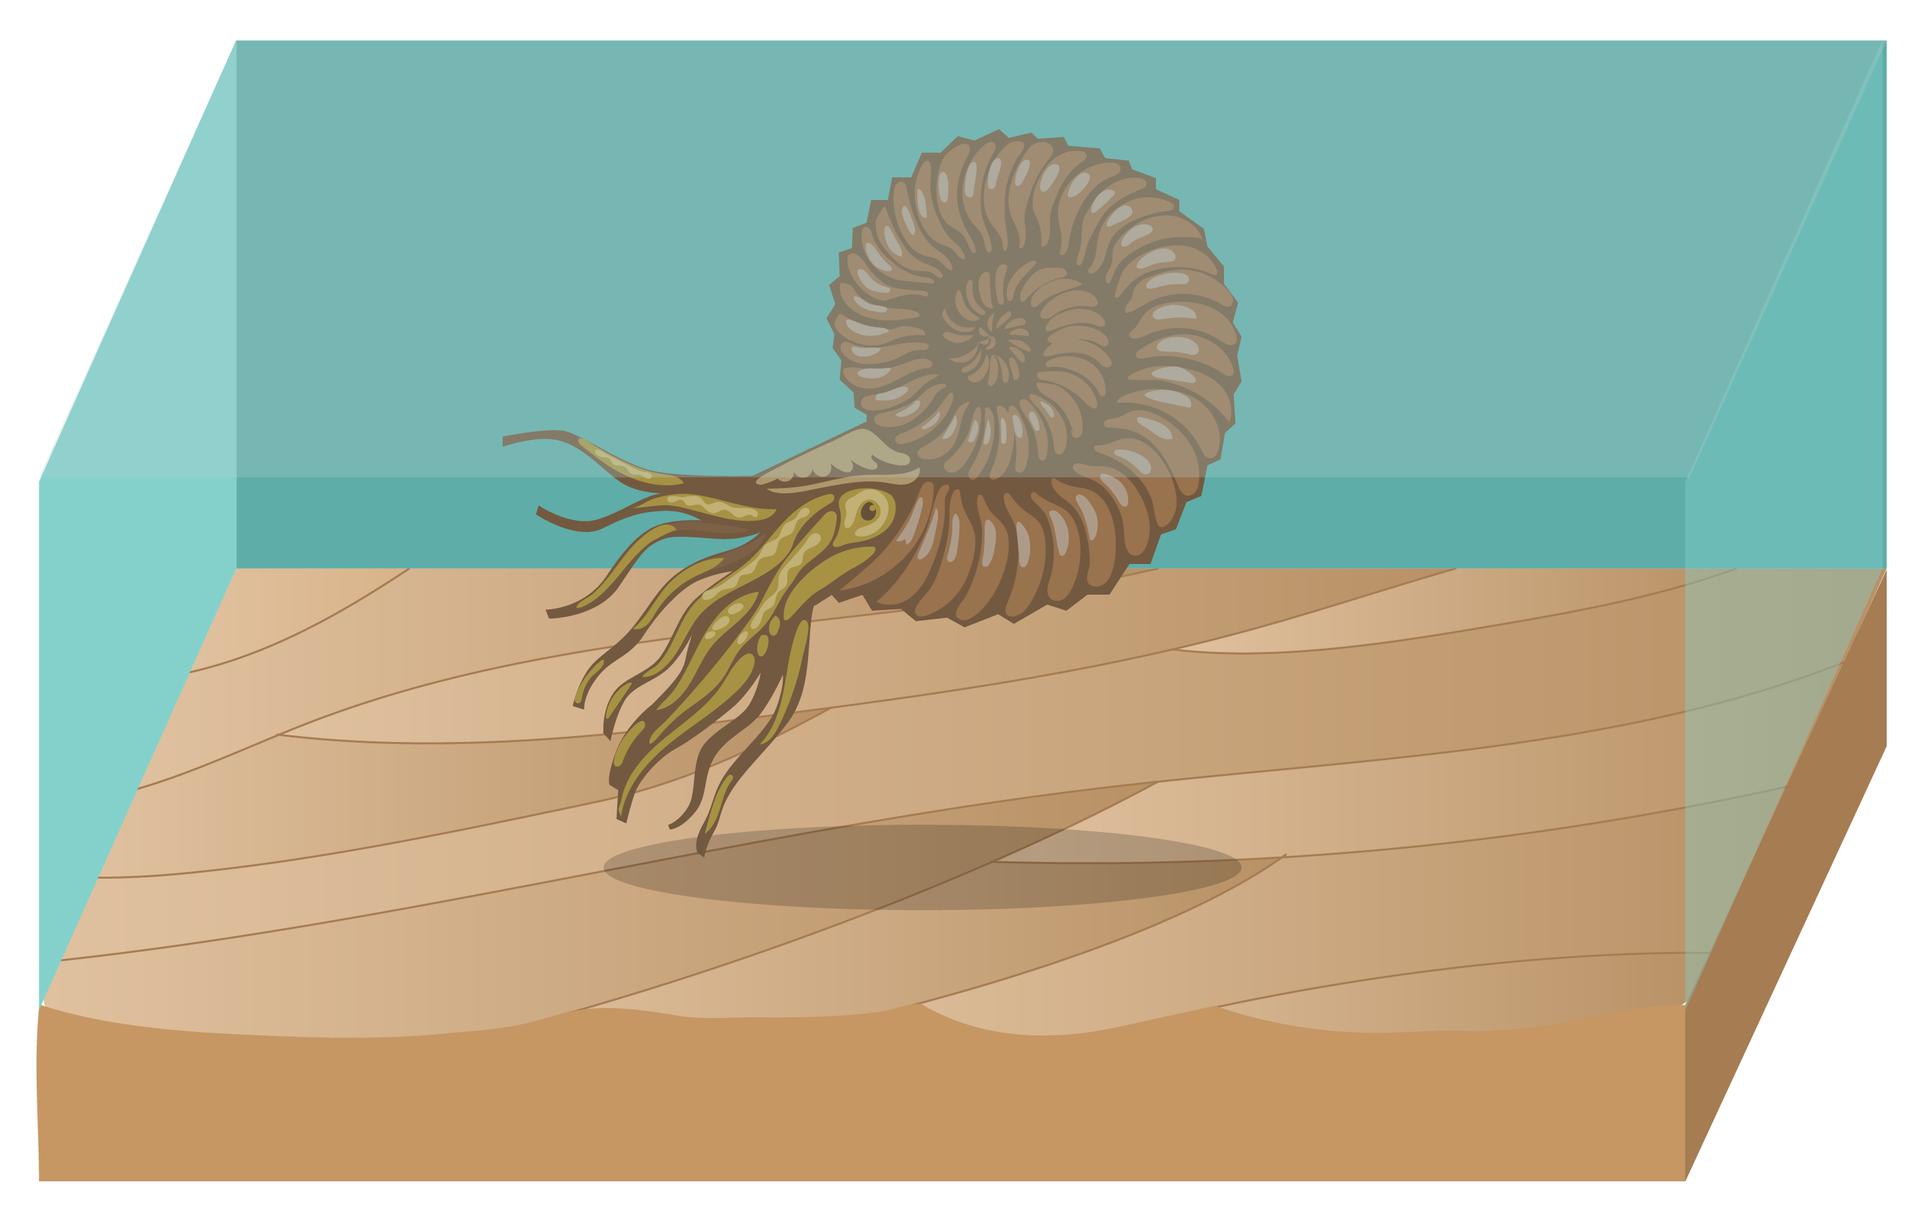 Rysunek przedstawia brązowego amonita wbłękitnej wodzie nad brązowym, pofalowanym dnem morza. Amonit ma spiralną, pierścieniowatą muszlę, oczy iliczne czułki.